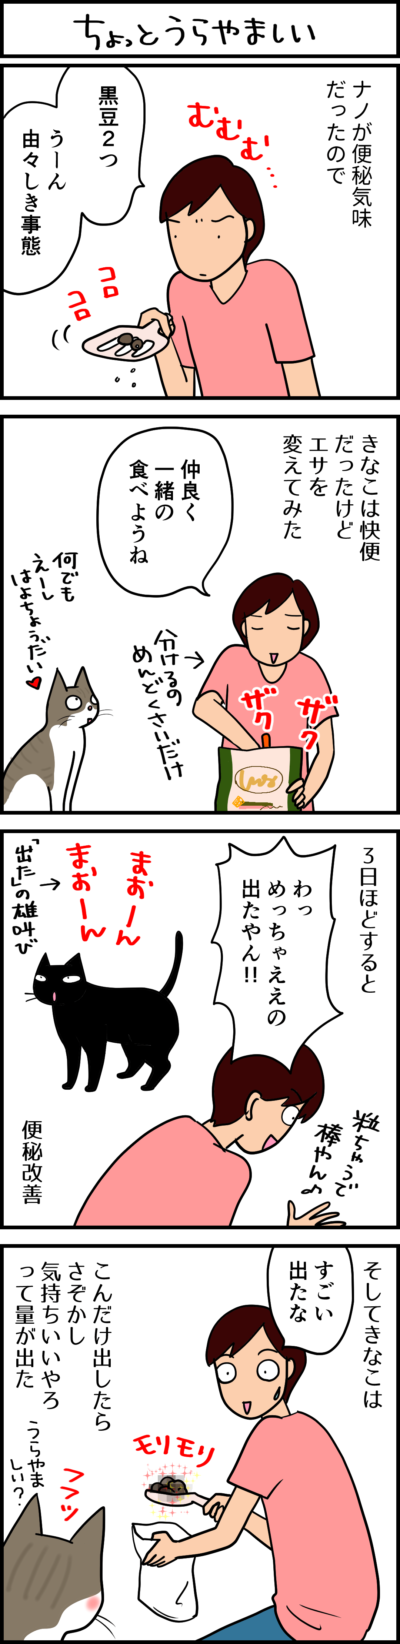 便秘なのでエサを変えてみた猫の4コマ猫漫画